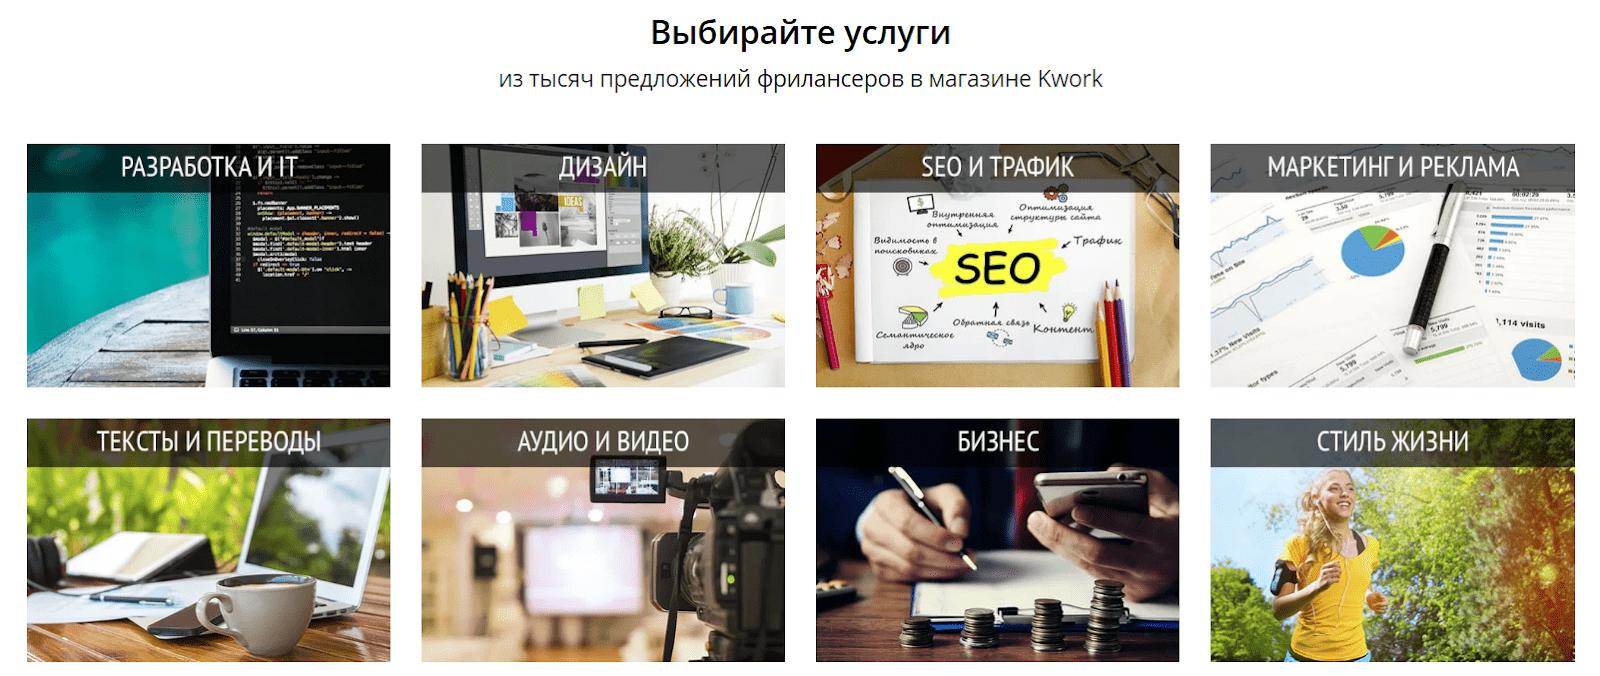 Сферы услуг, которые доступны на сайте